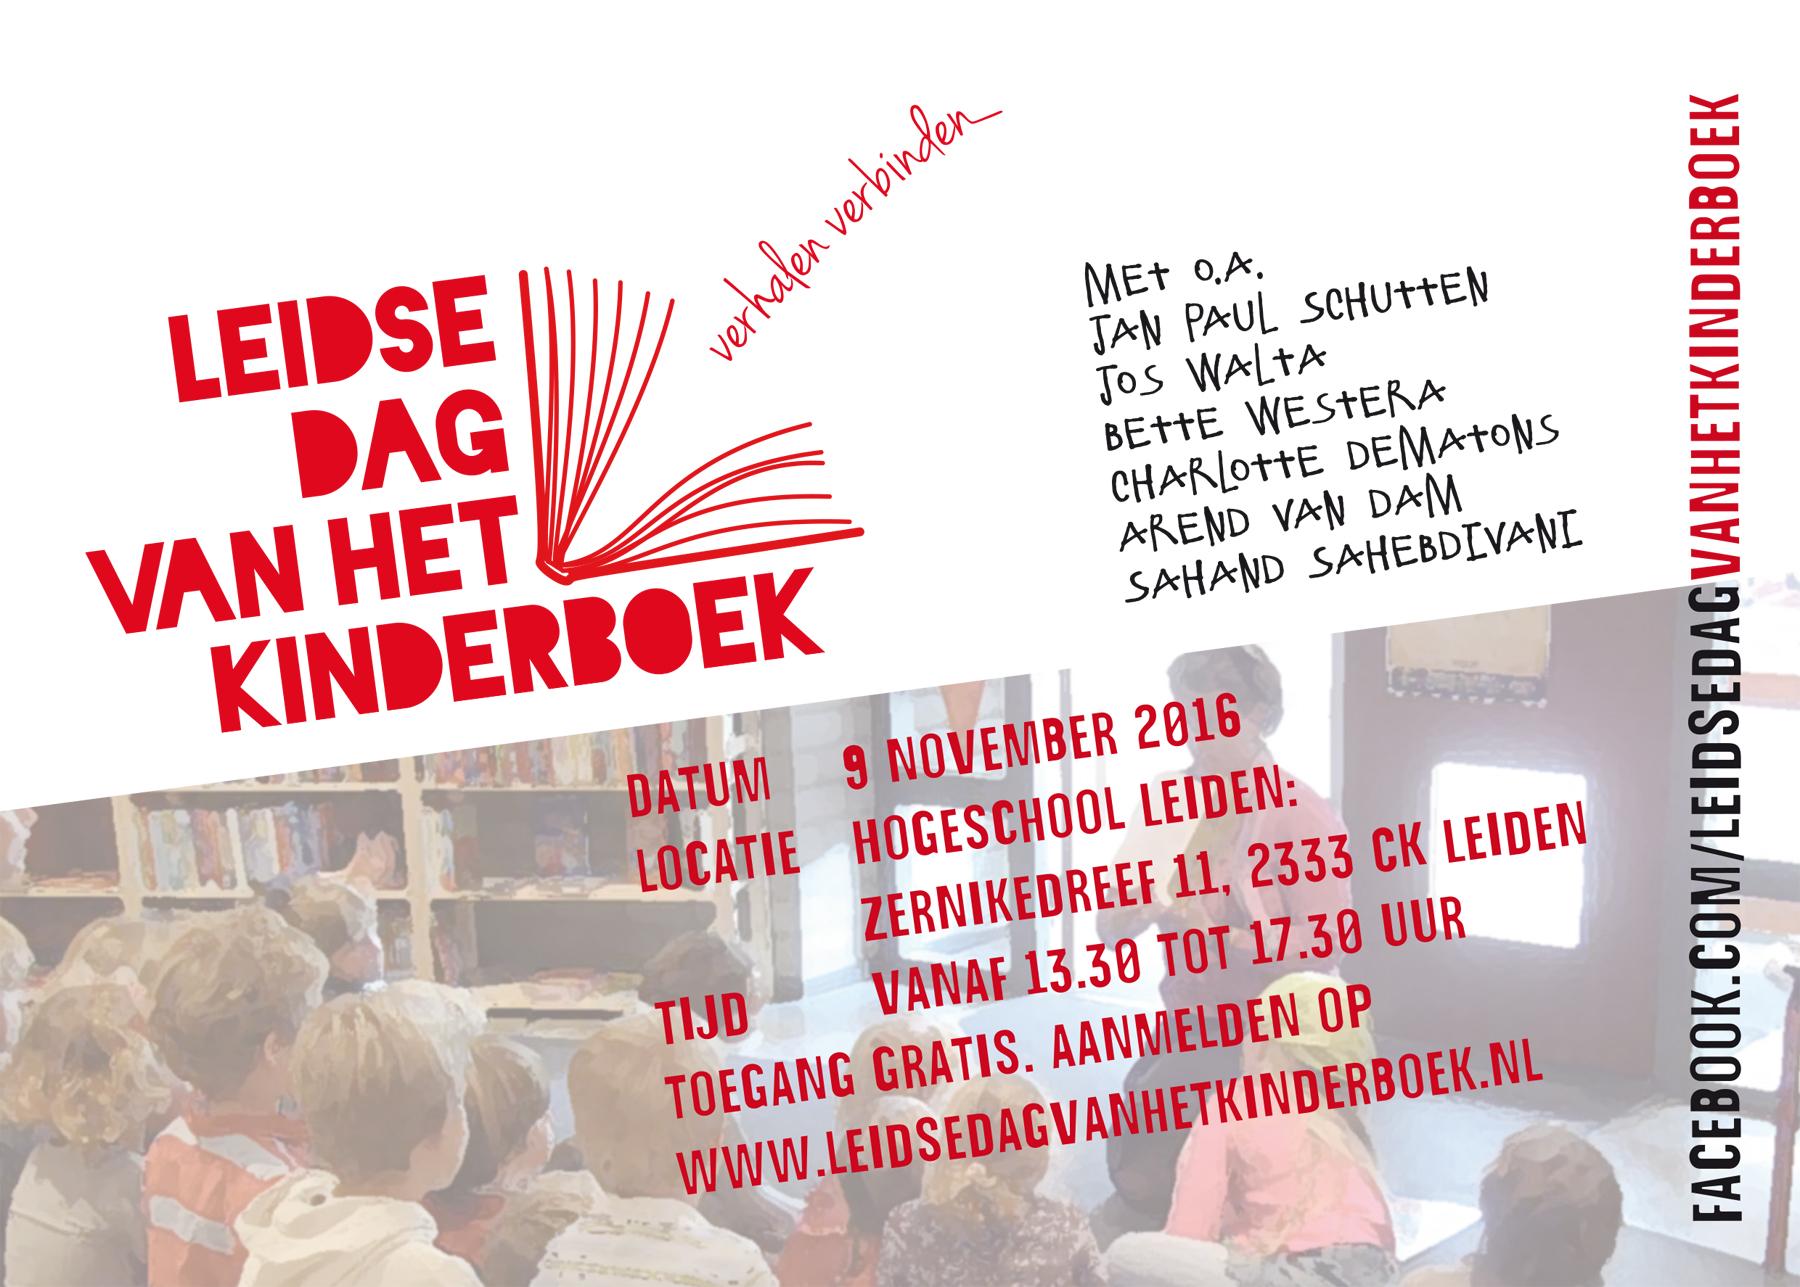 Leidse Dag van het Kinderboek - flyer